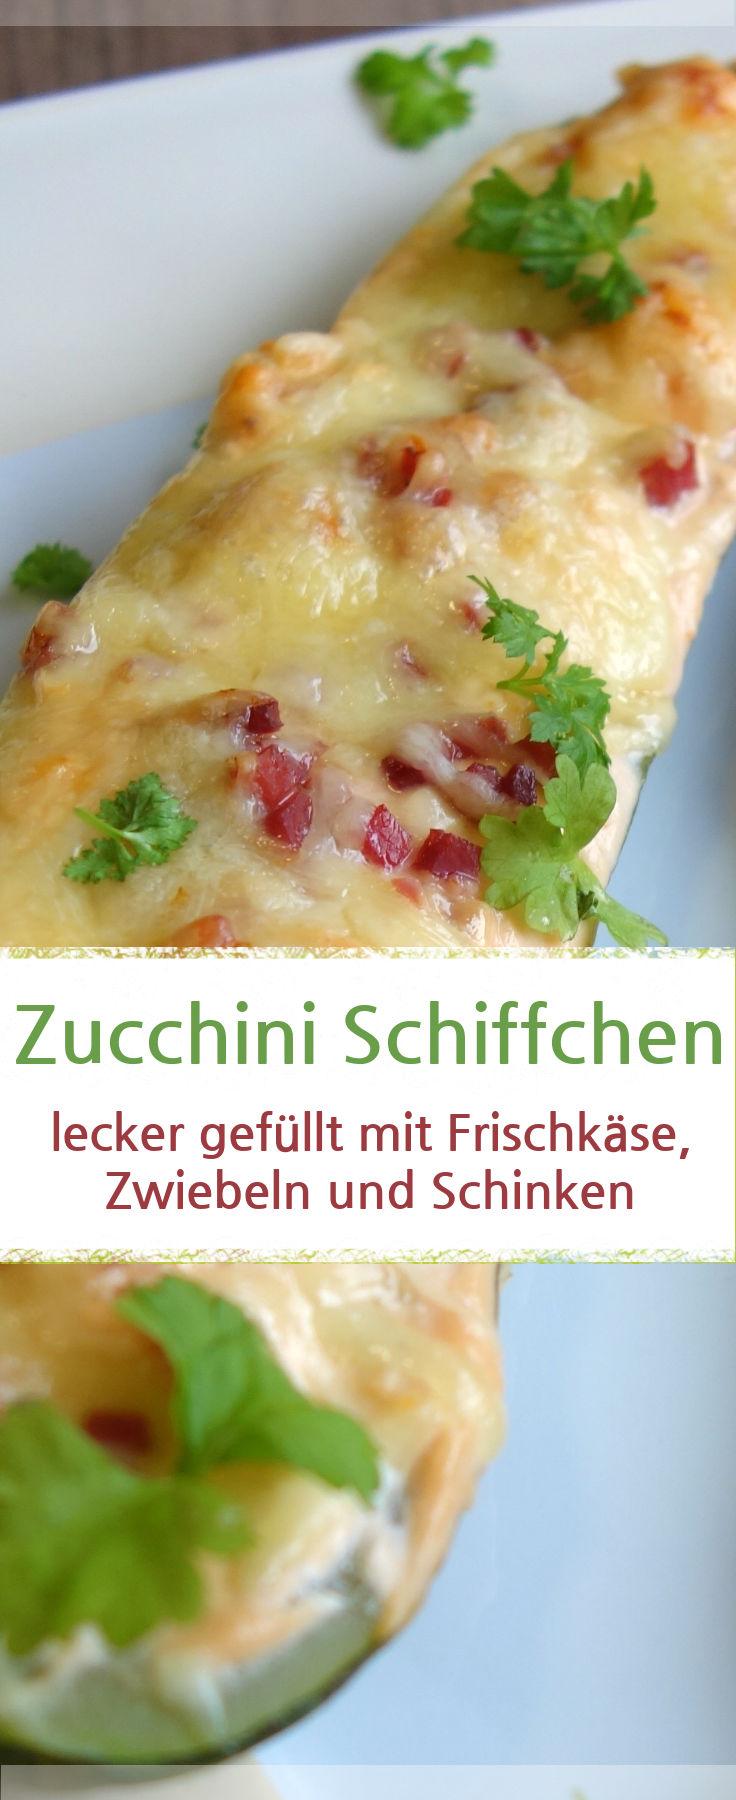 zucchini-schiffchen-wl.jpg